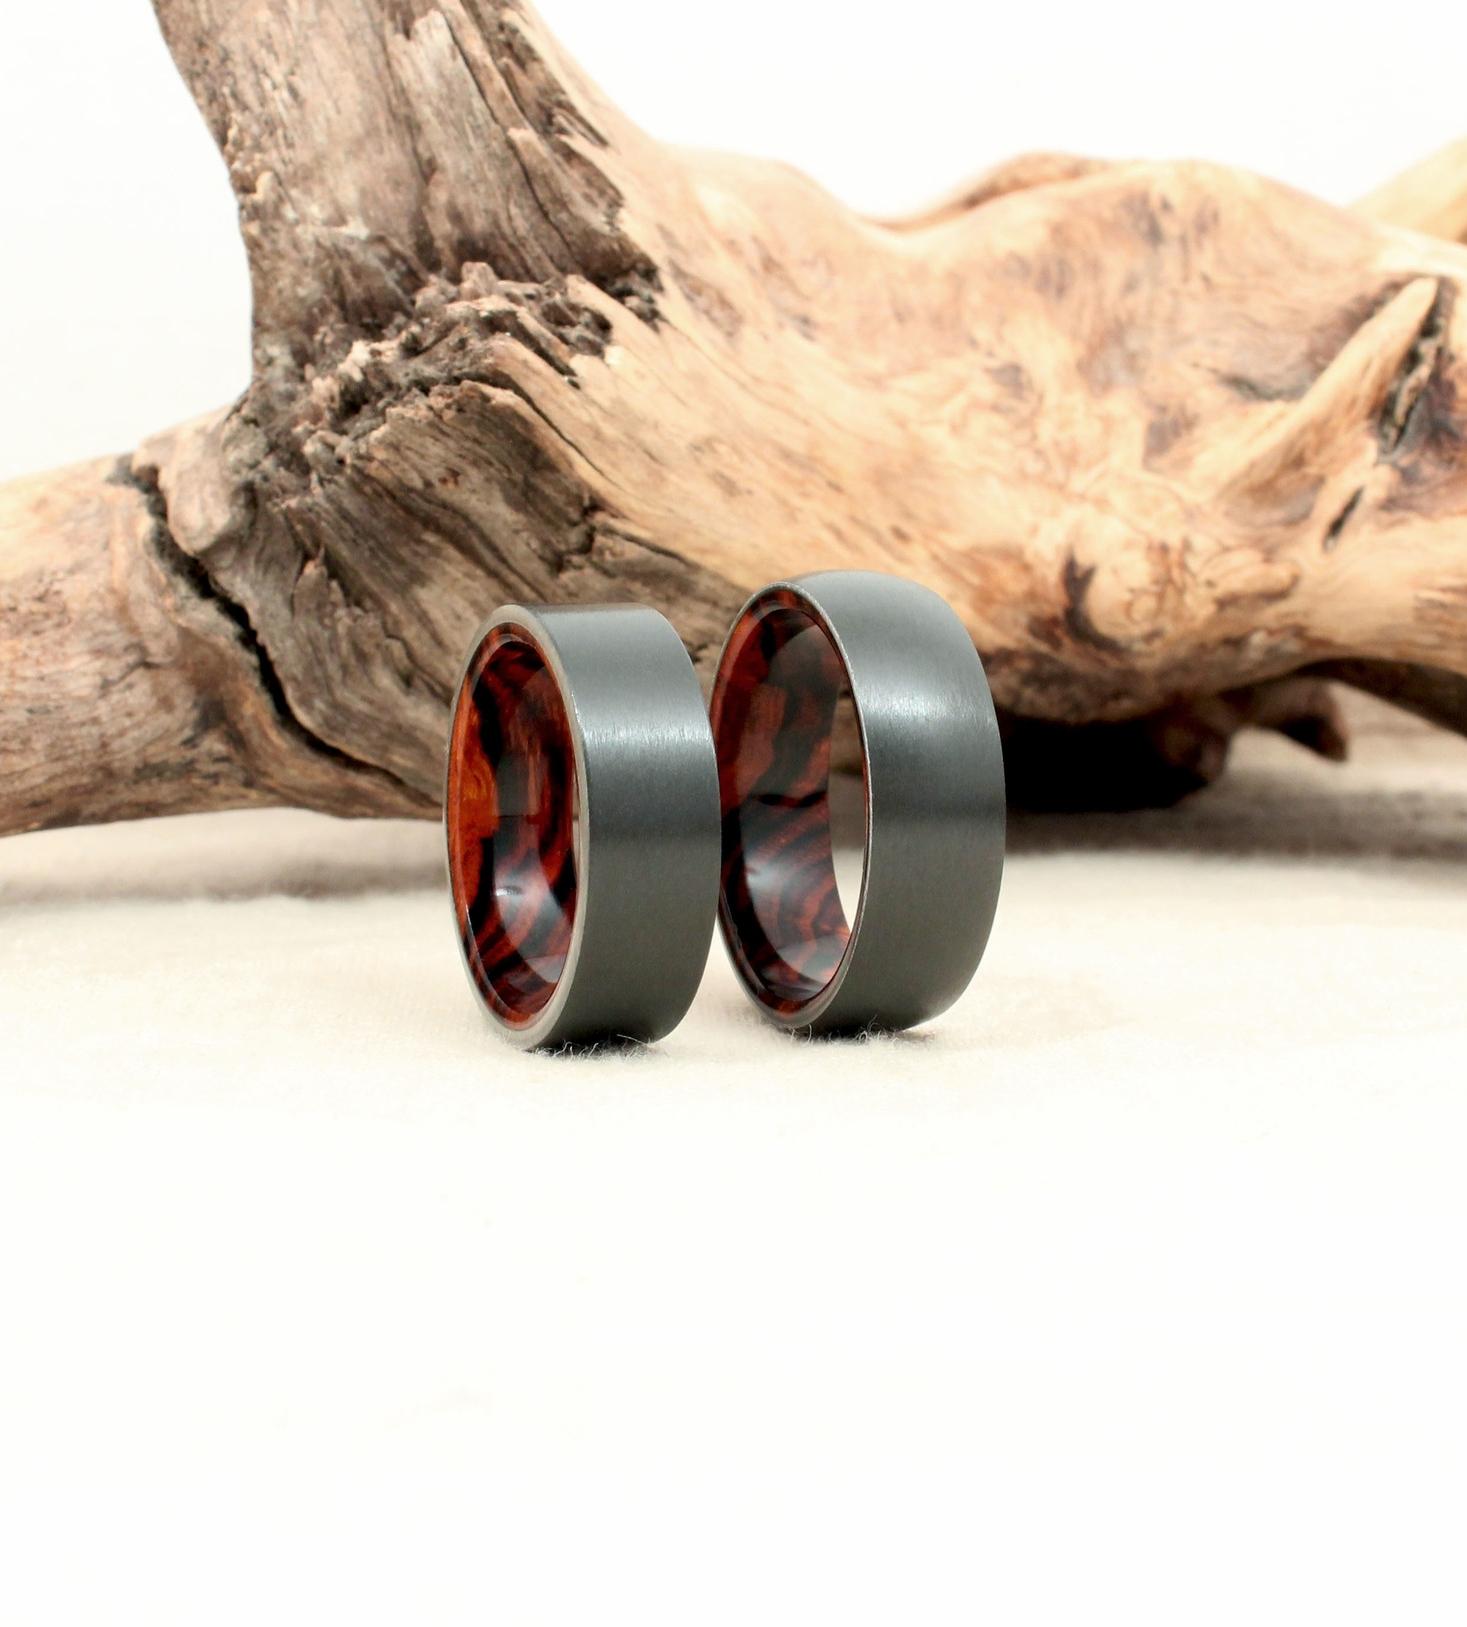 Black Zirconium and Arizona Desert Ironwood Burl Wooden Rings